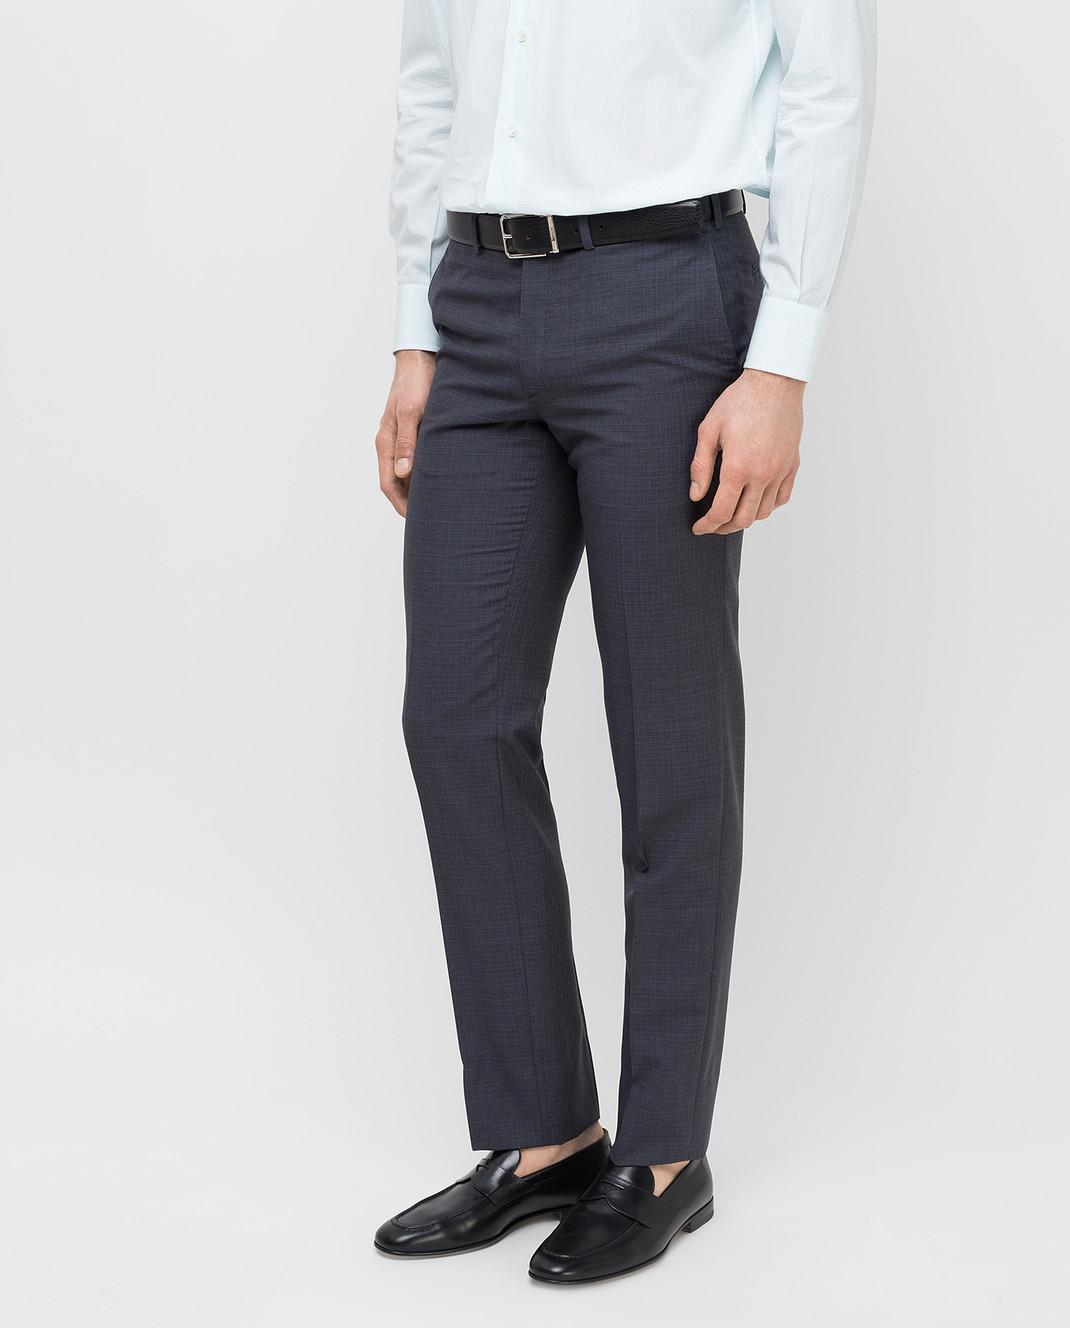 Brioni Темно-серые брюки из шерсти RPL80PP7AW7 изображение 3